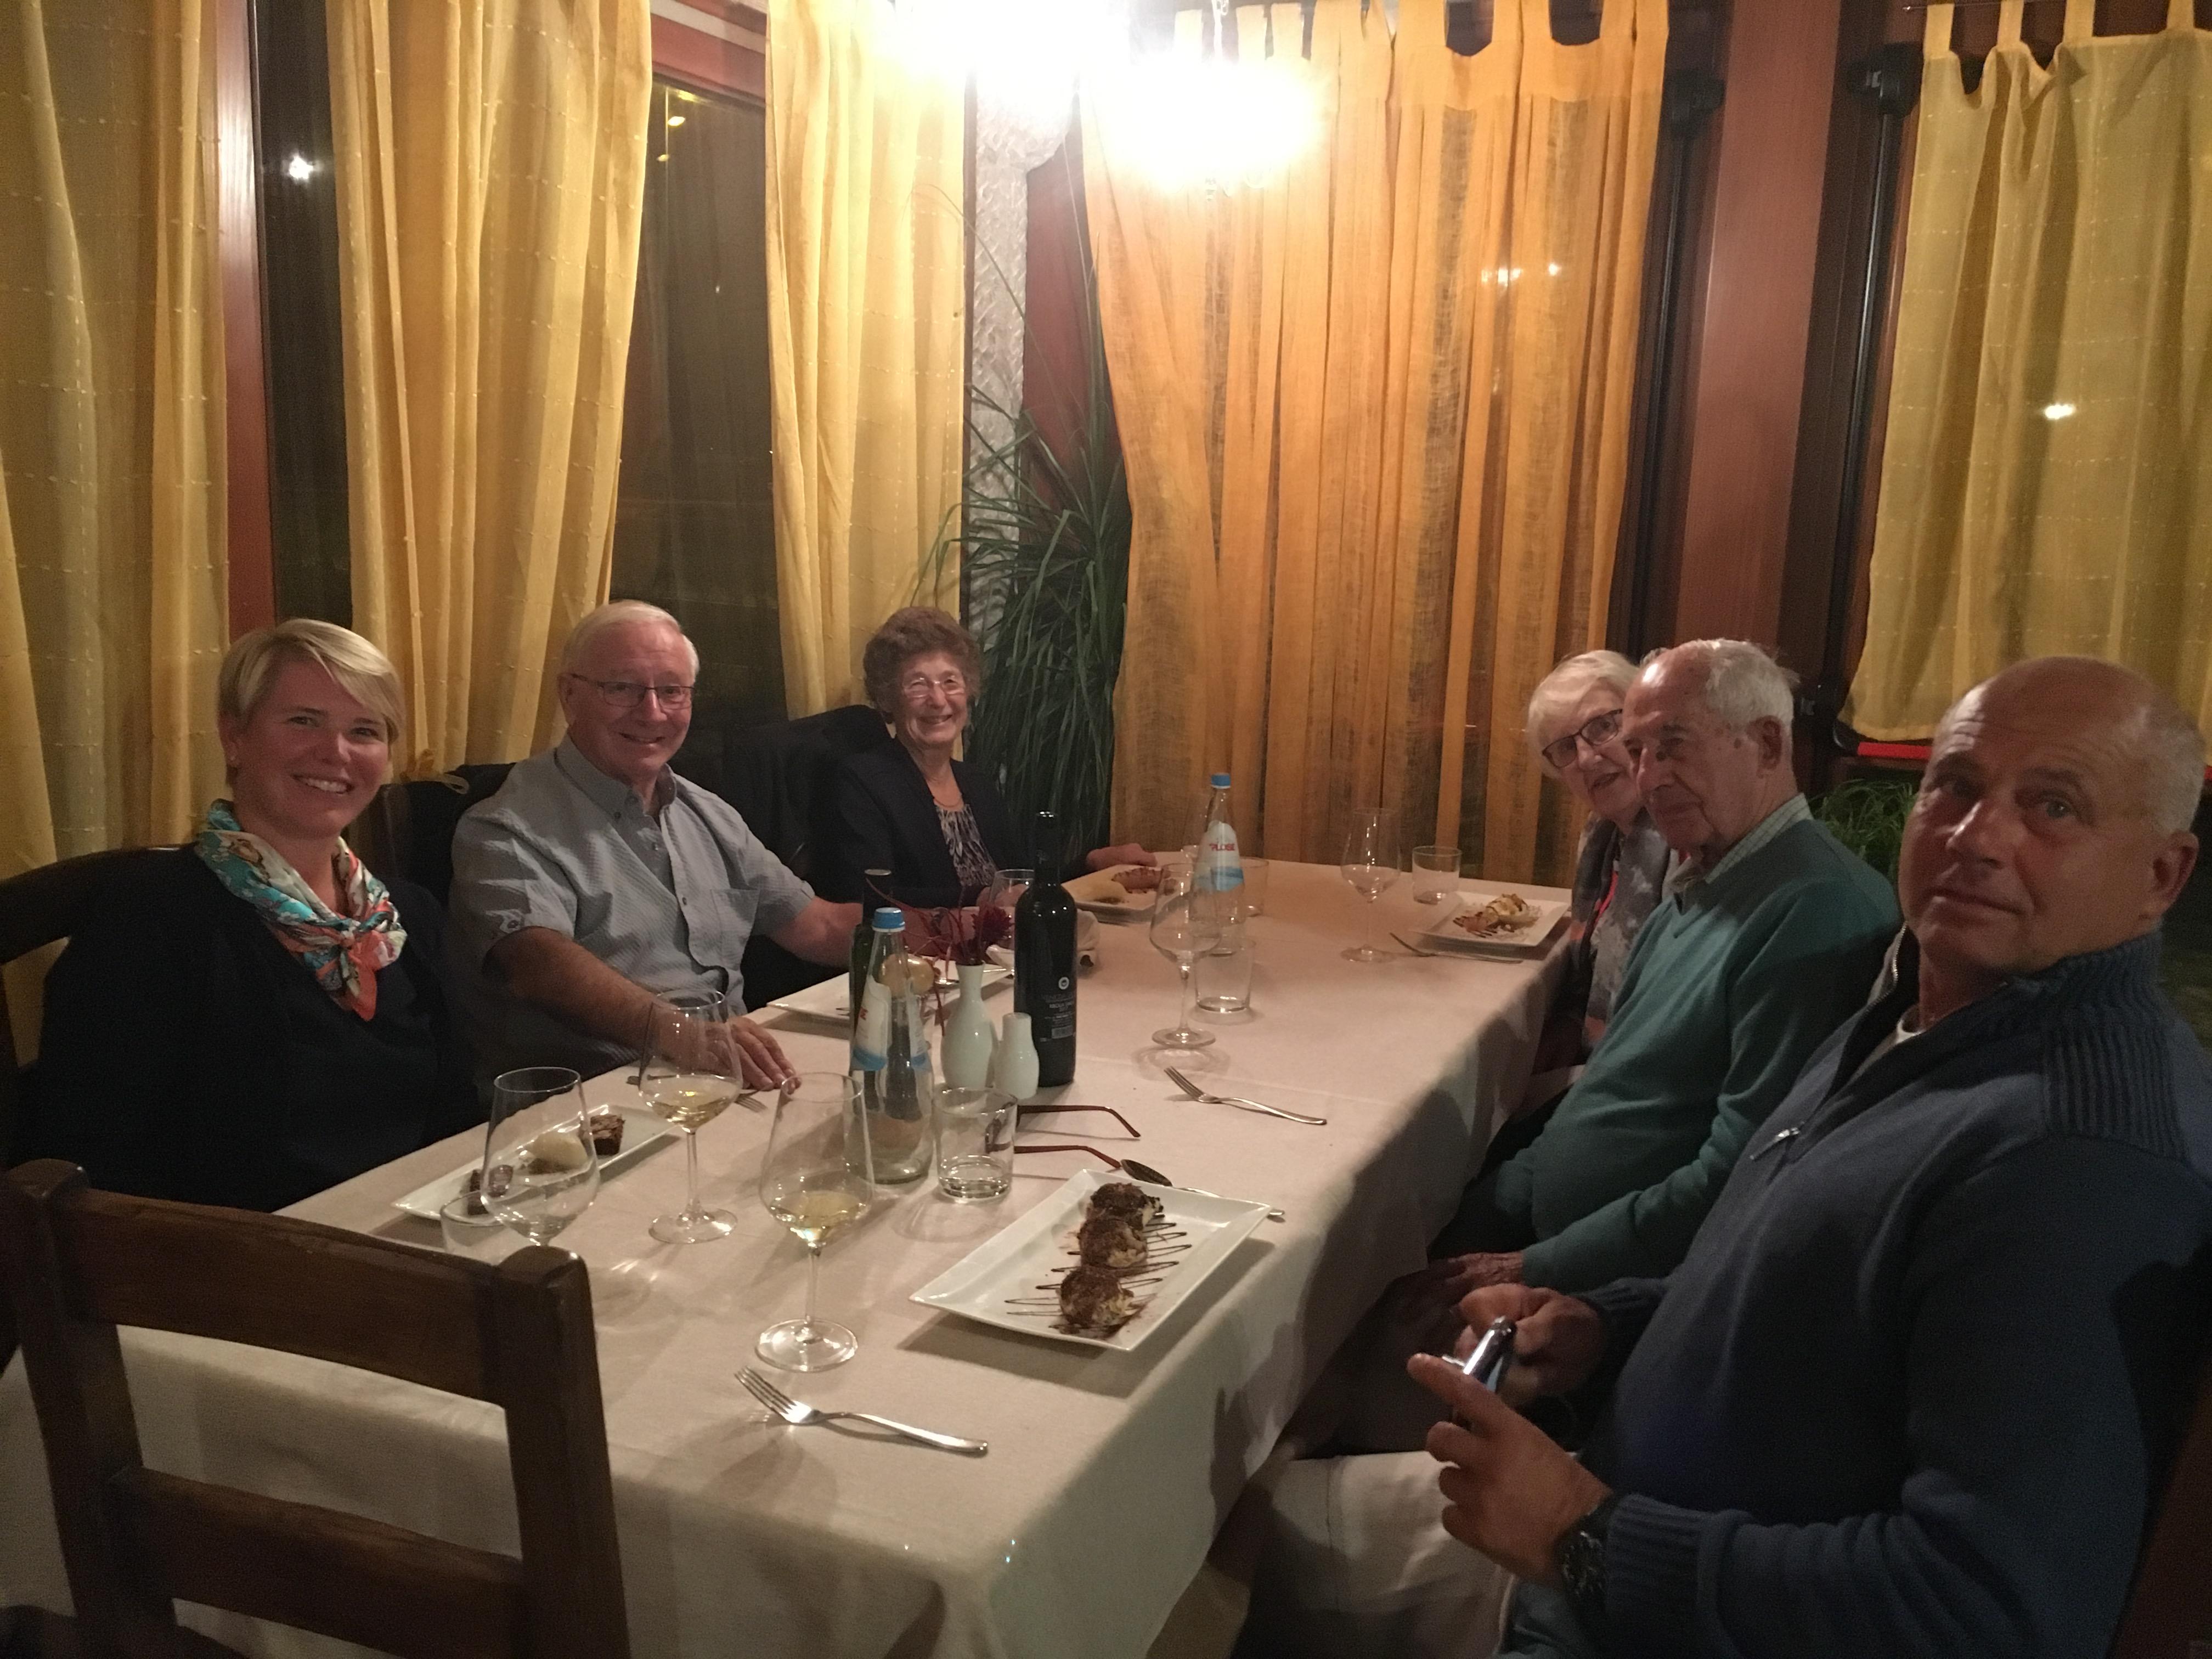 I. Dinner together